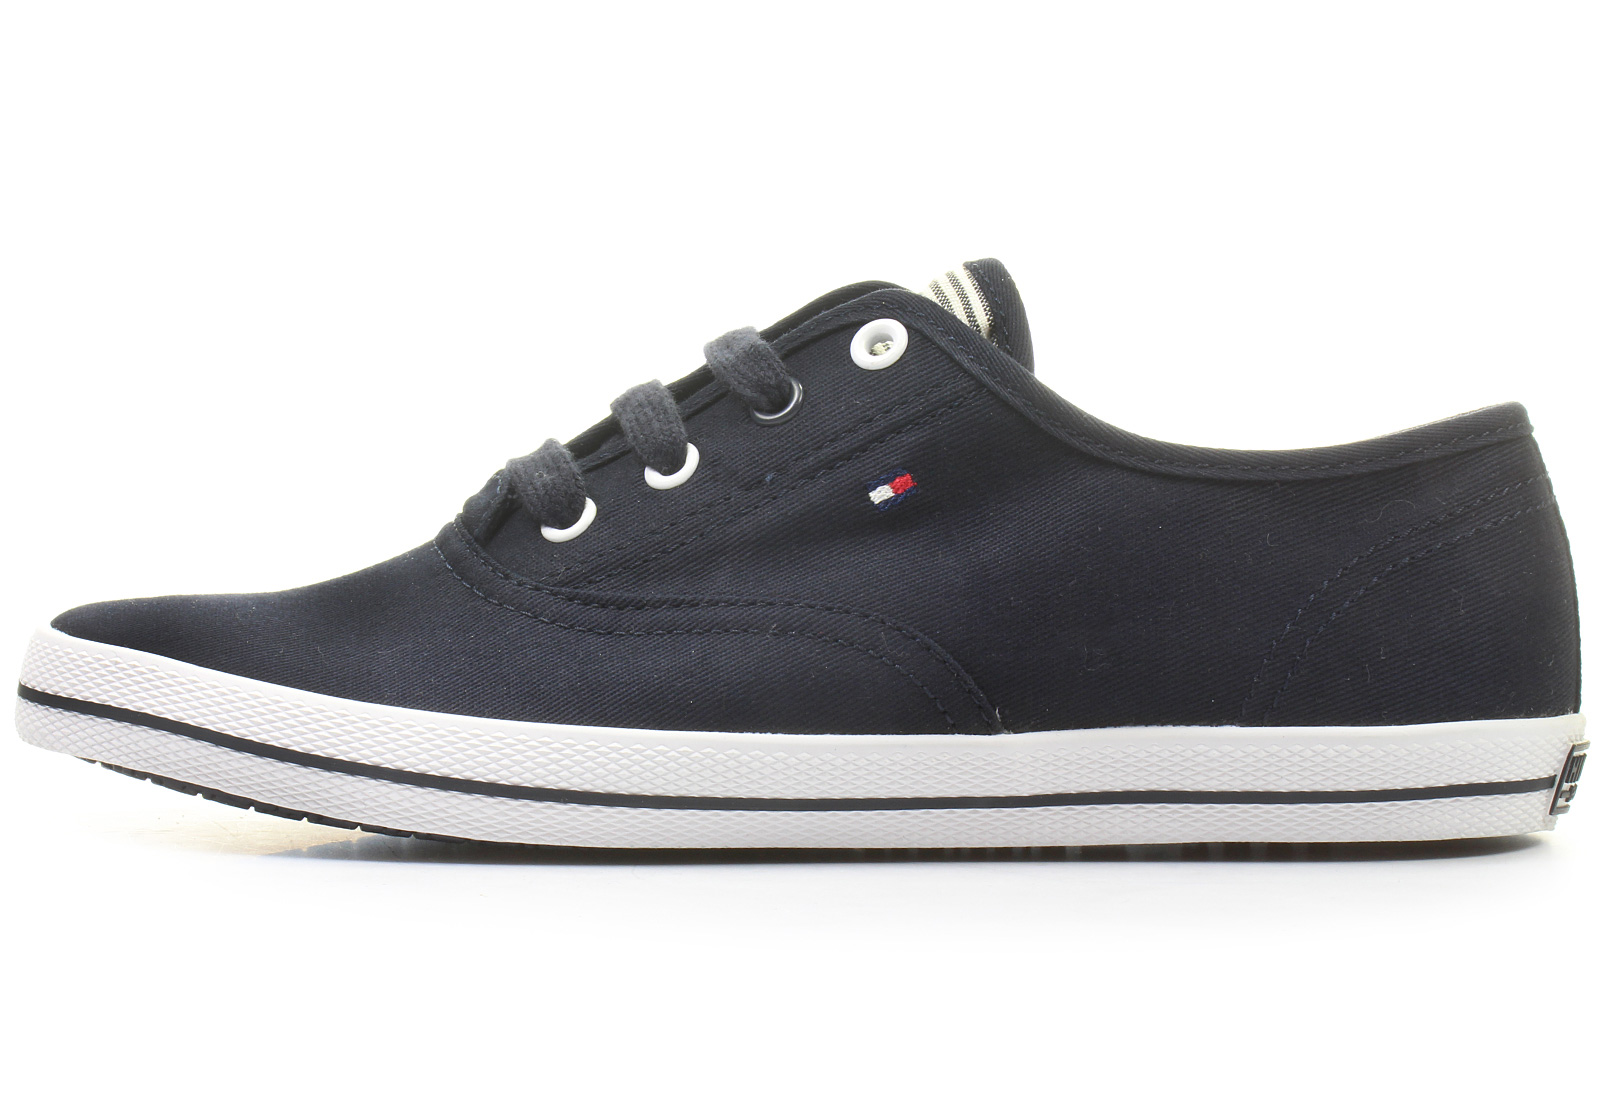 tommy hilfiger sneakers victoria 1d 14s 6883 403 online shop for. Black Bedroom Furniture Sets. Home Design Ideas